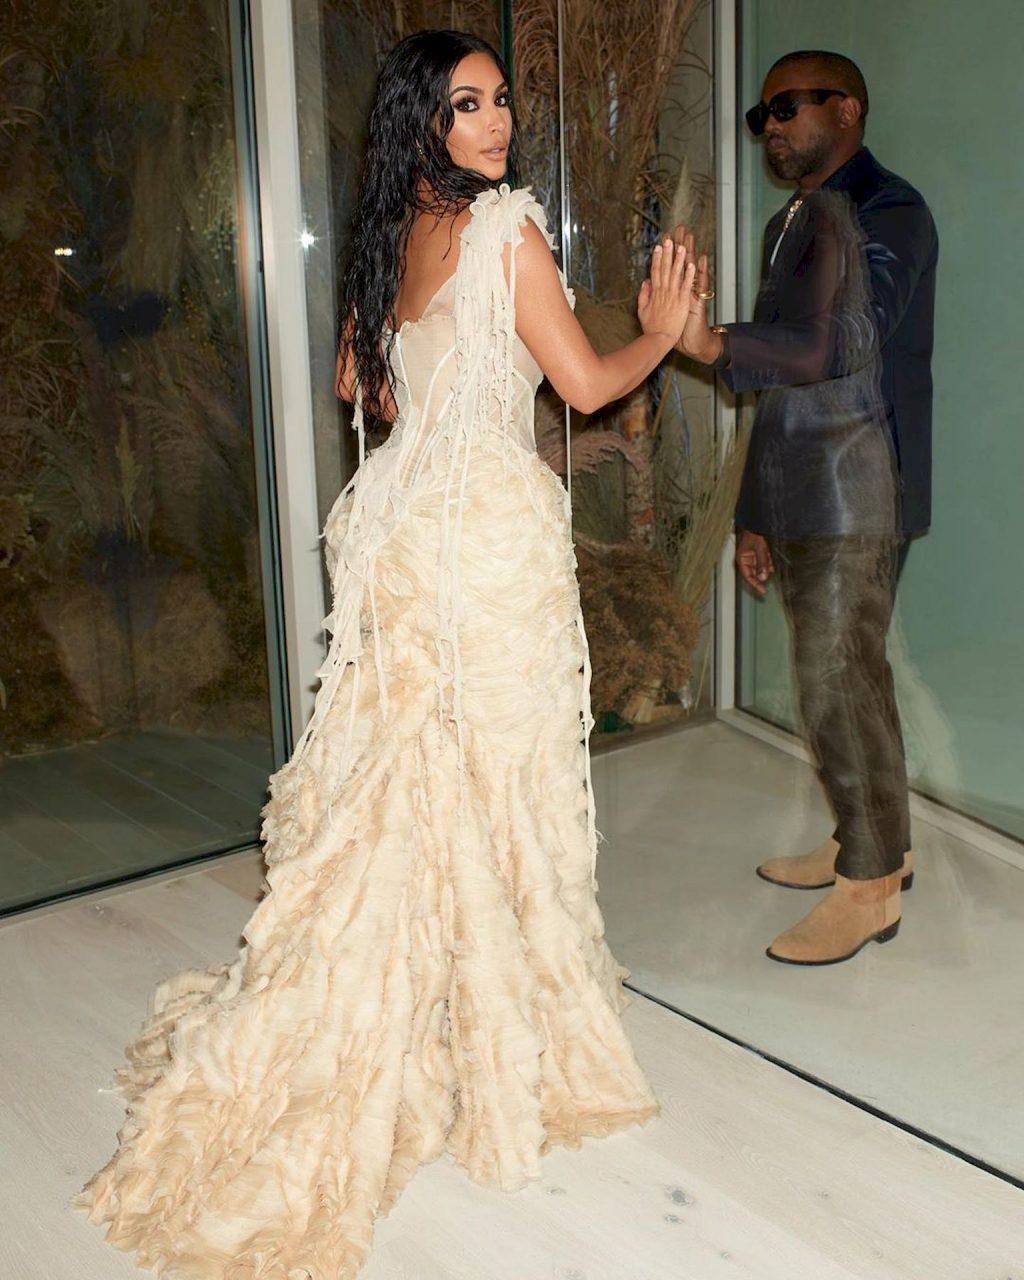 Kim Kardashian Erotic